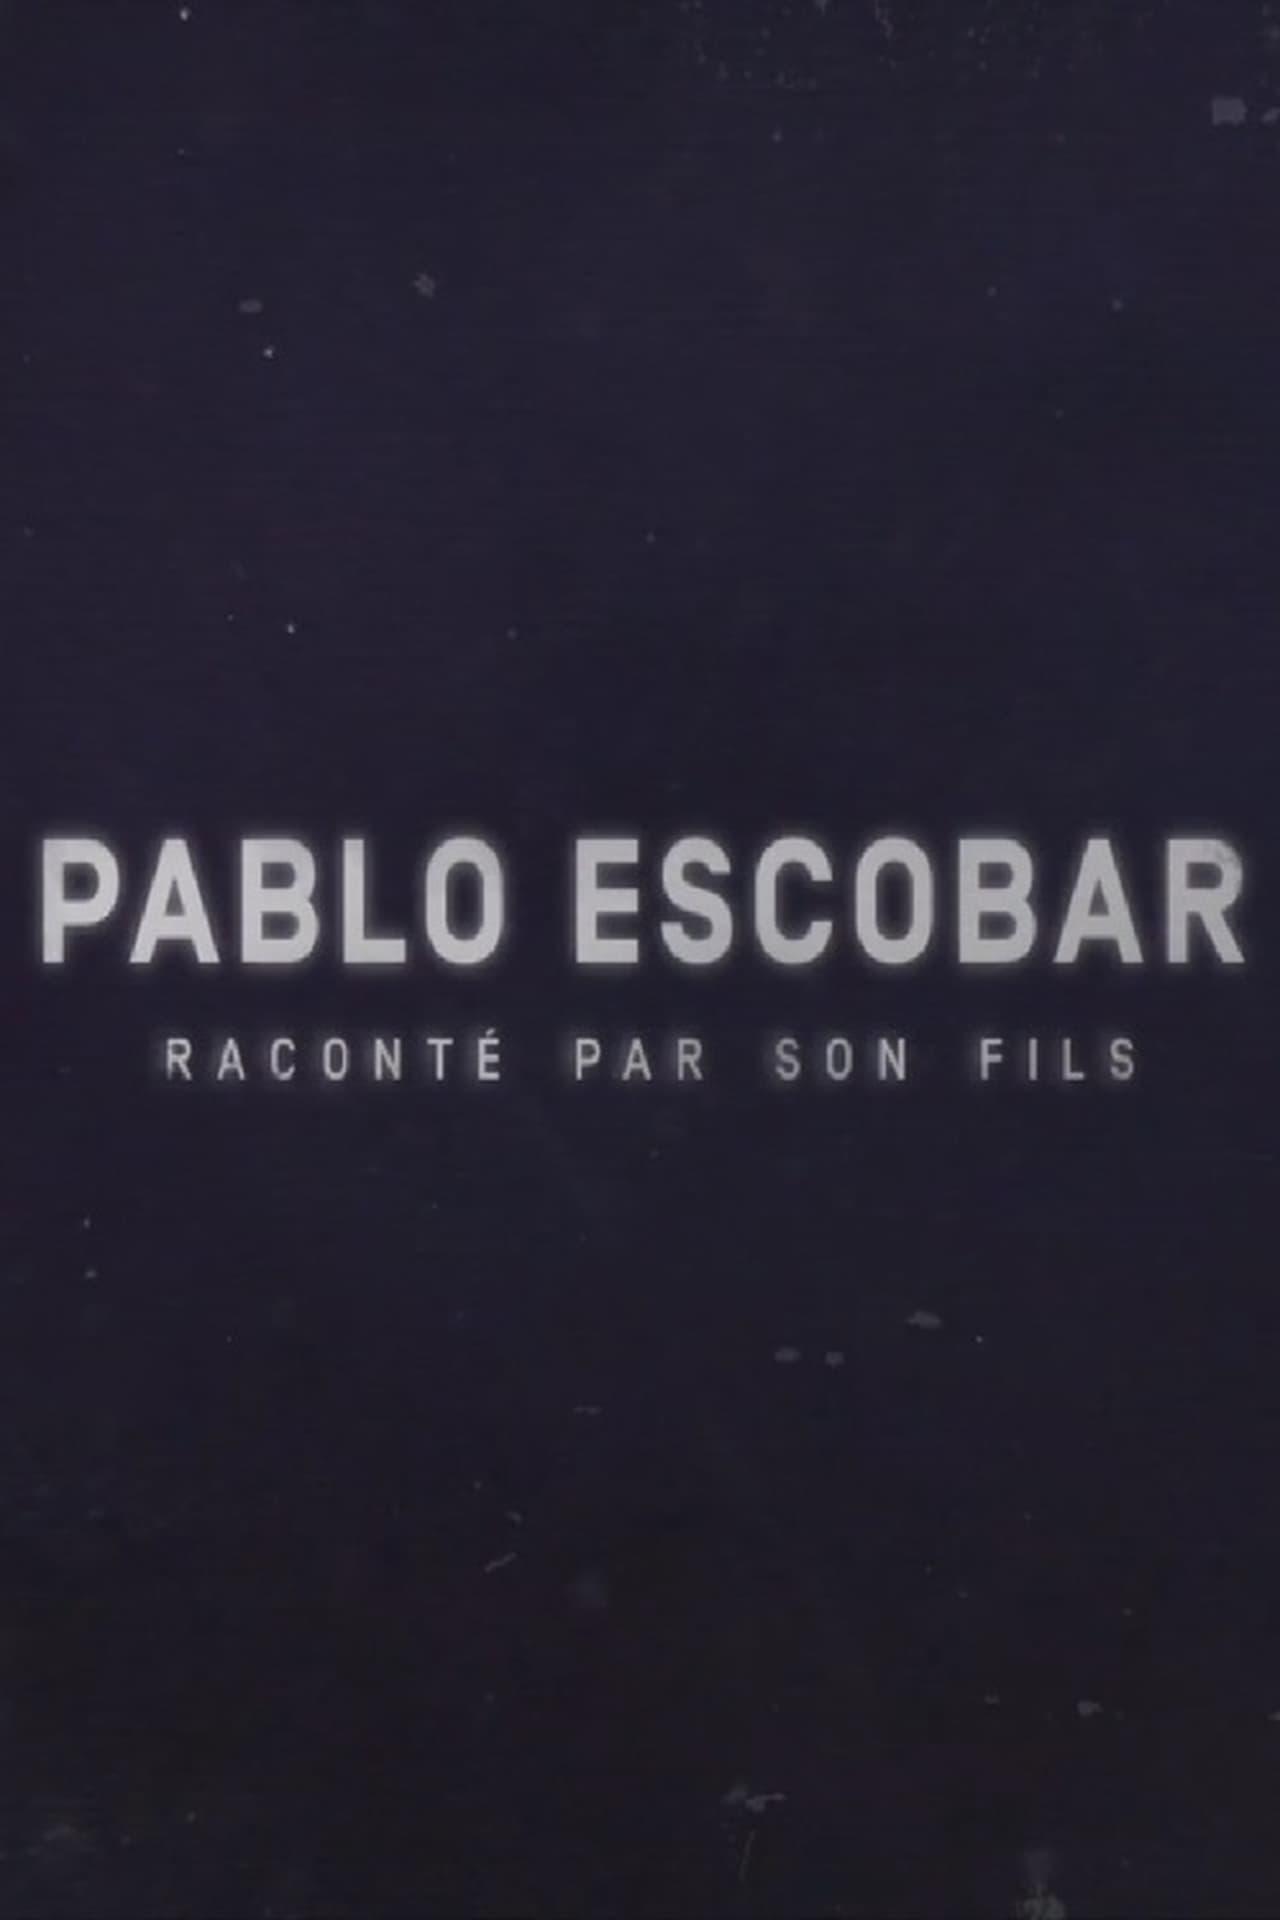 Pablo Escobar raconté par son fils